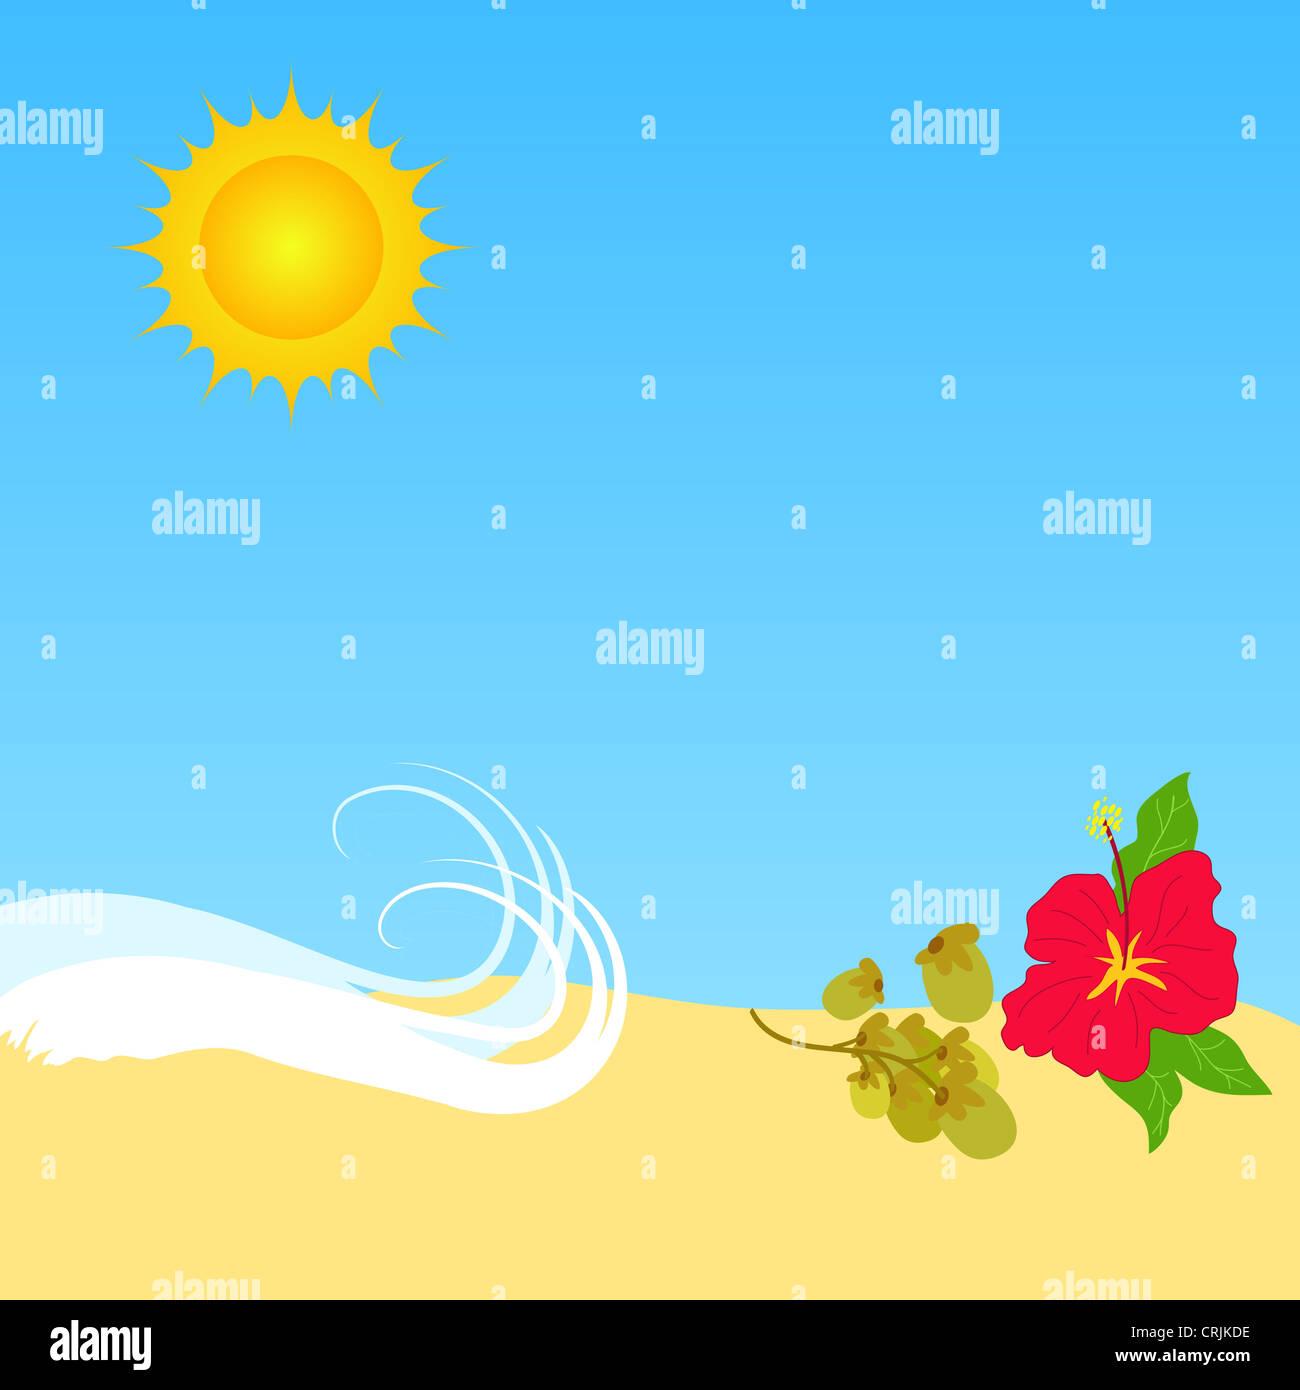 Summer sun and beach illustration Stock Photo